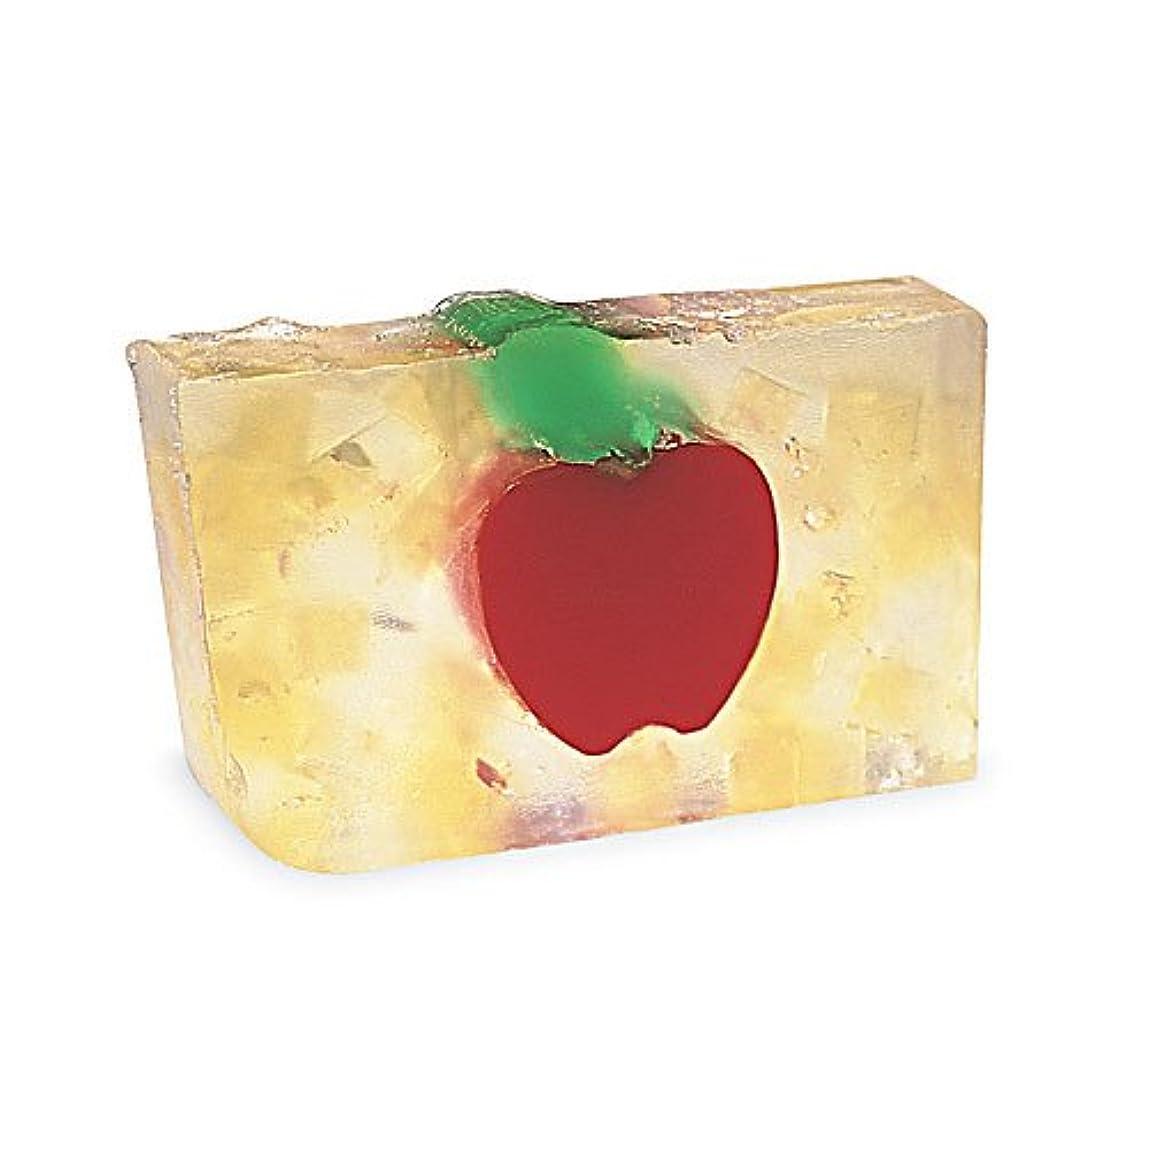 統治可能セージ原稿プライモールエレメンツ アロマティック ソープ ビッグアップル 180g 植物性 ナチュラル 石鹸 無添加